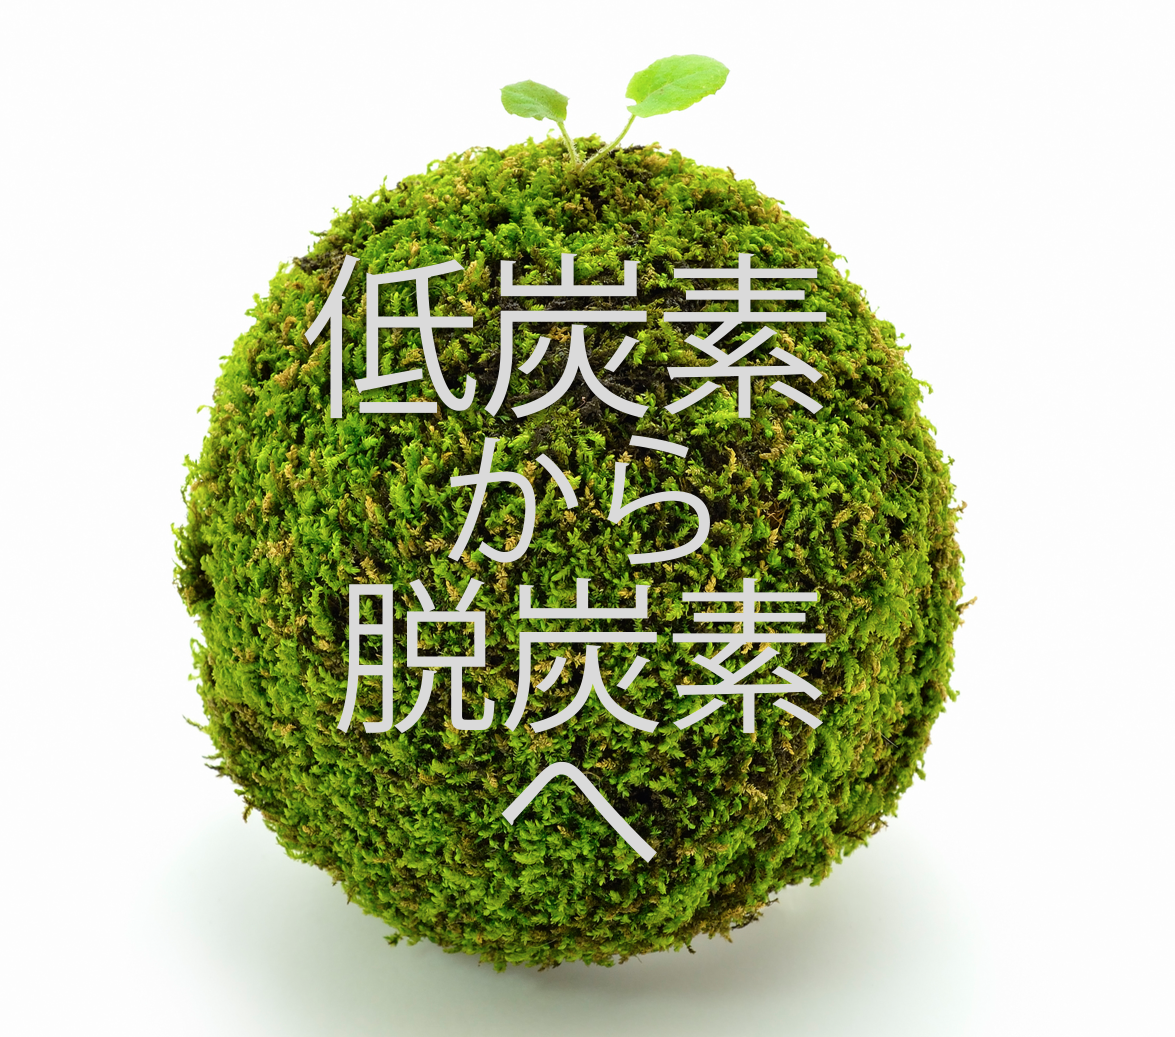 脱炭素」が握る投資マネー。日本企業は、果たしてこの流れに乗れるか ...